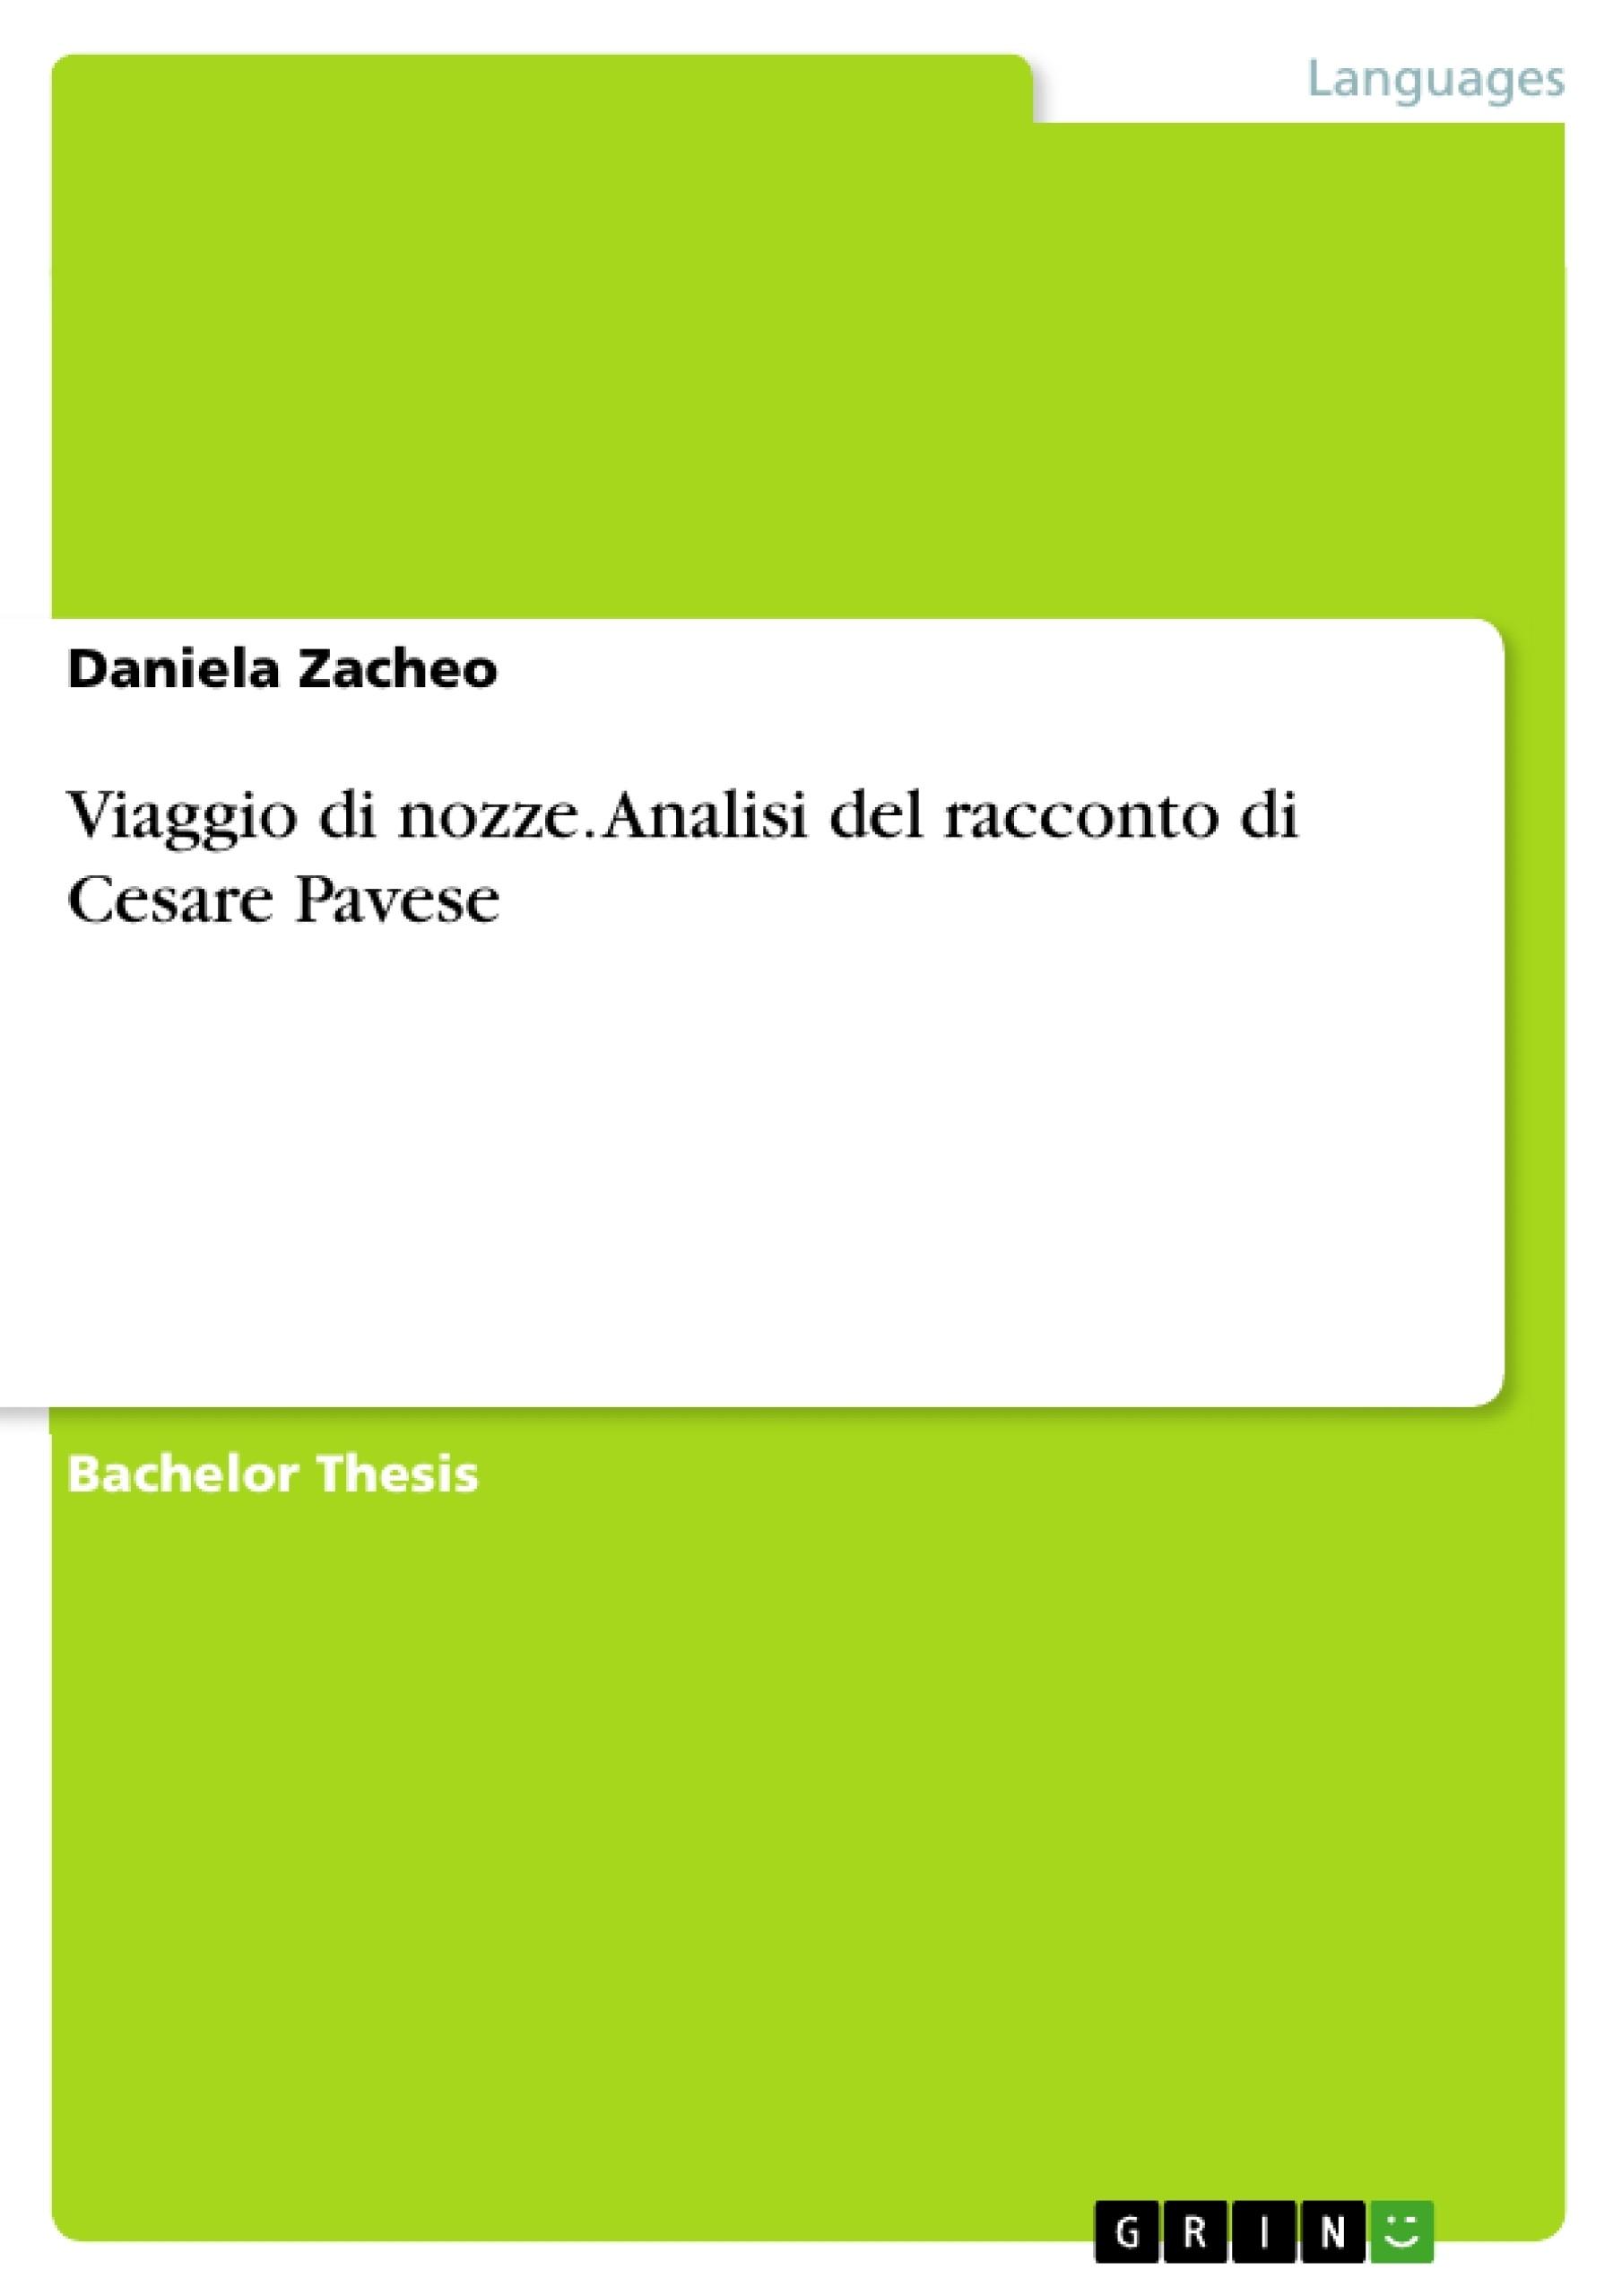 Title: Viaggio di nozze. Analisi del racconto di Cesare Pavese